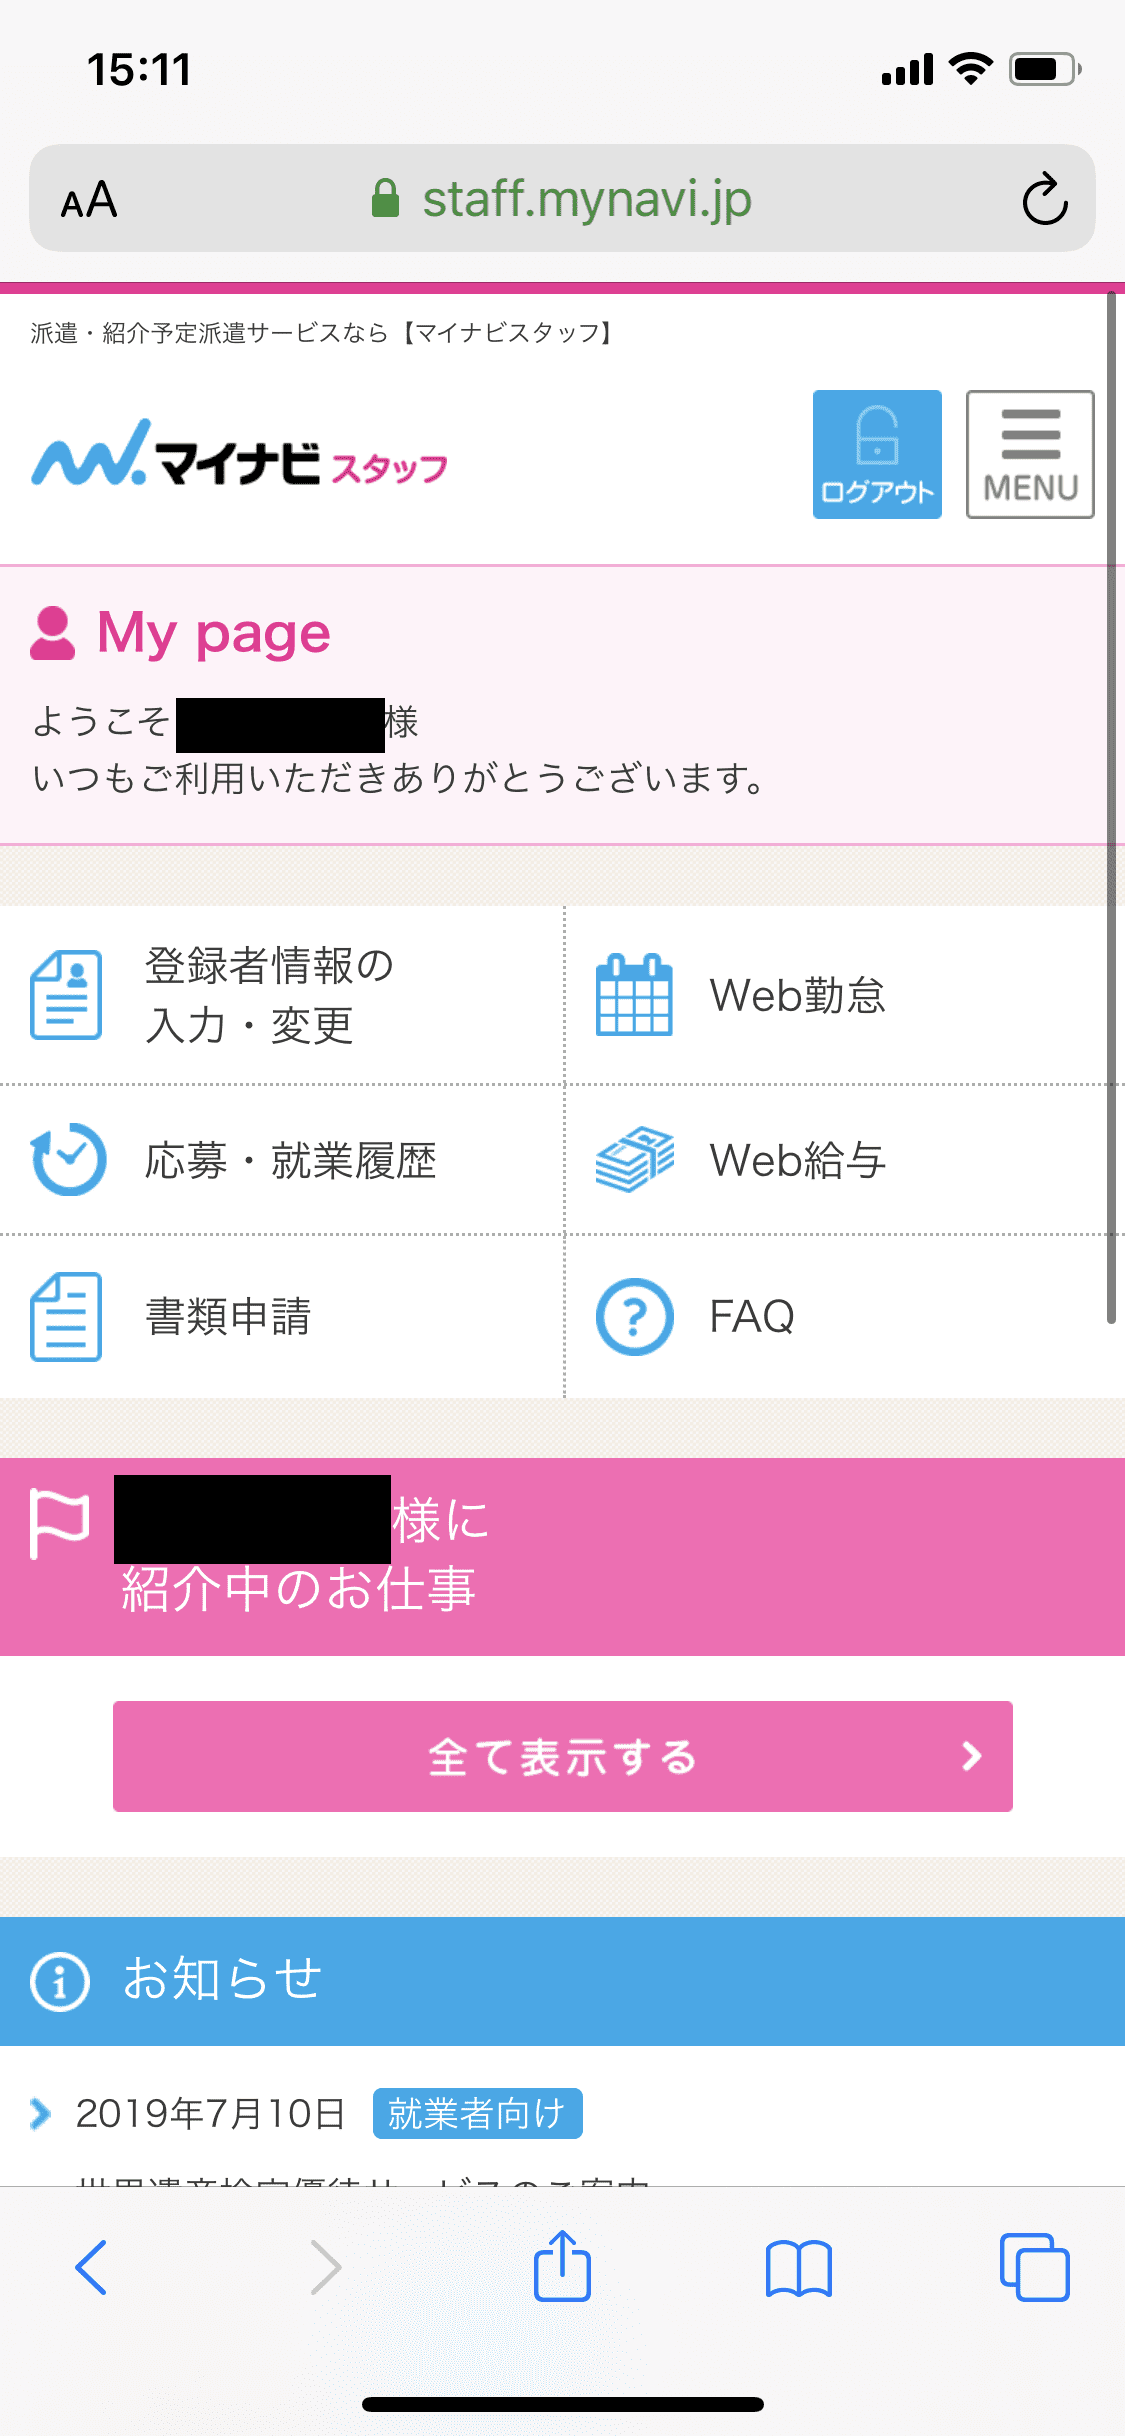 マイナビスタッフ 東京オフィス